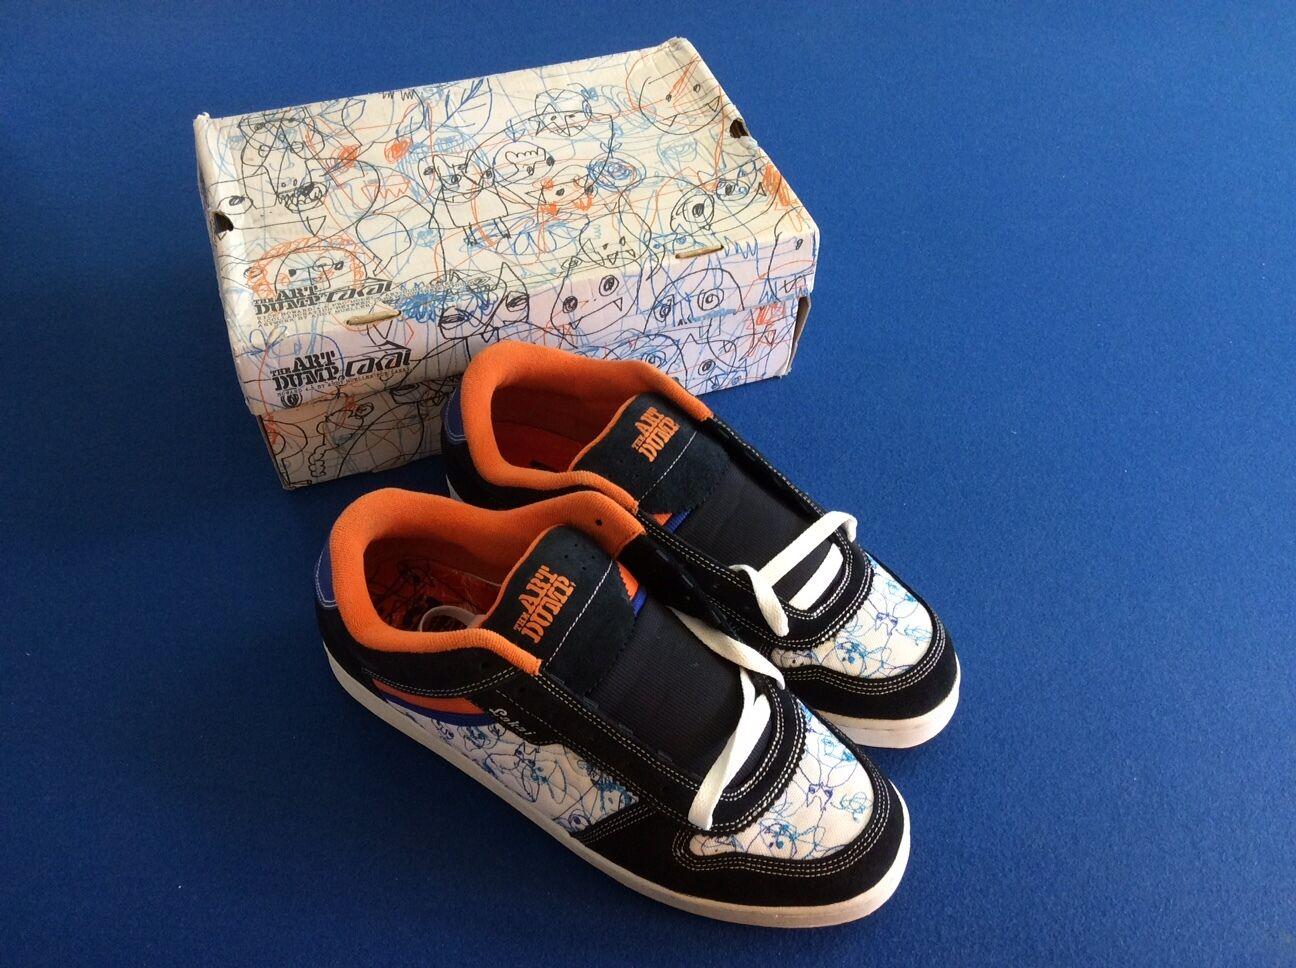 The Art Dump men's athletic shoes, black white bluee & orange inside, Size 13,New